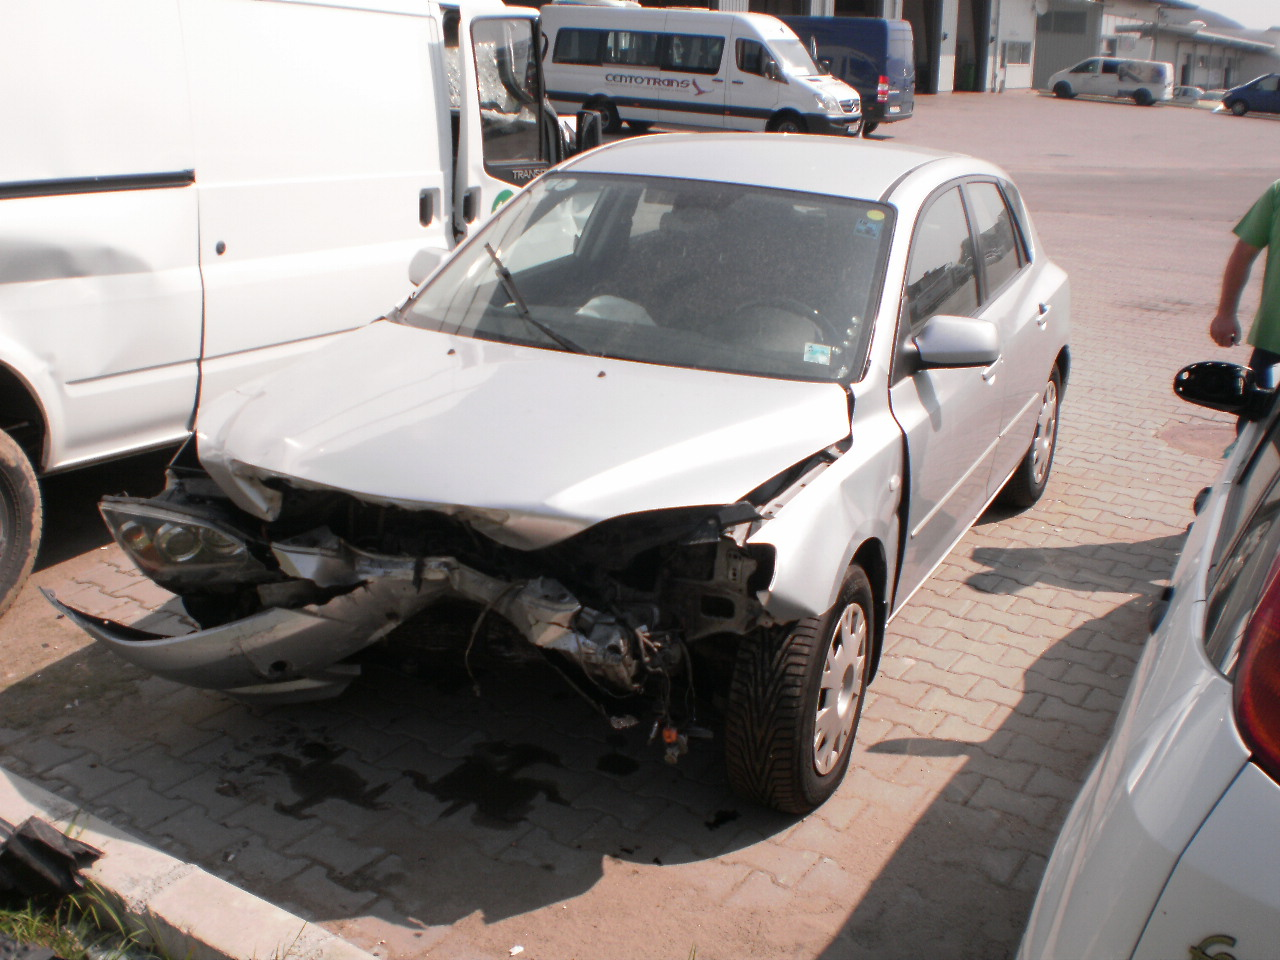 Mazda 3 avariat 2005 Benzina Hatchback - 12 Martie 2011 - Poza 1